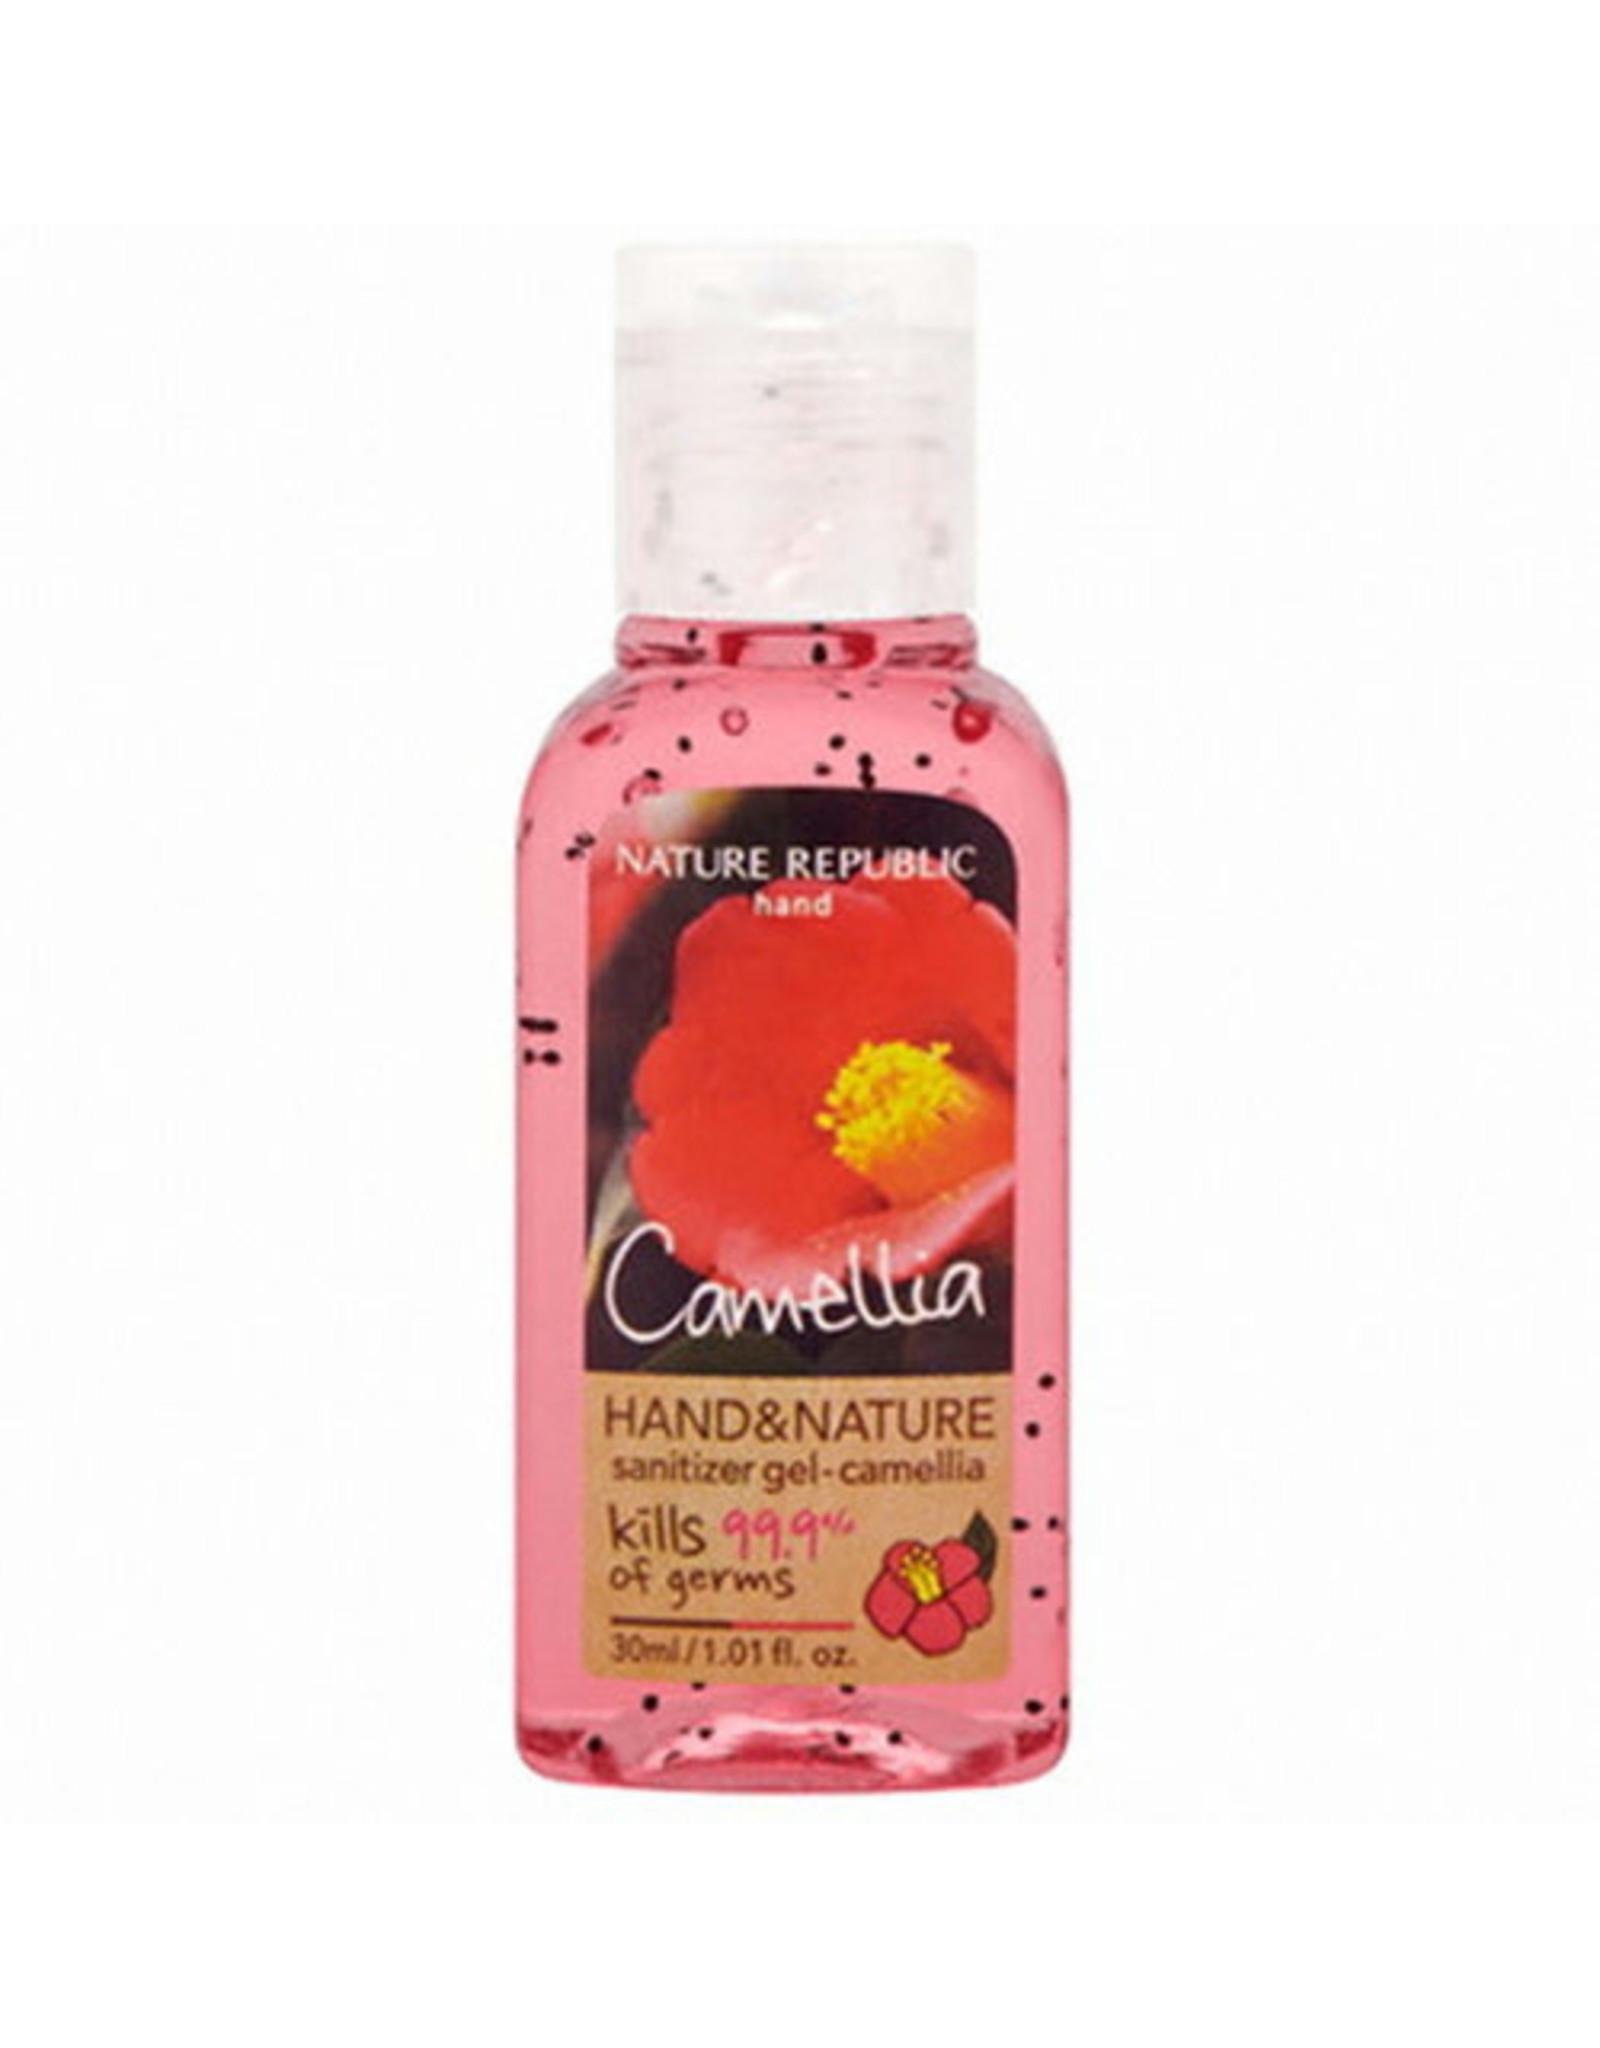 Hand & Nature Sanitizer Gel-Camellia